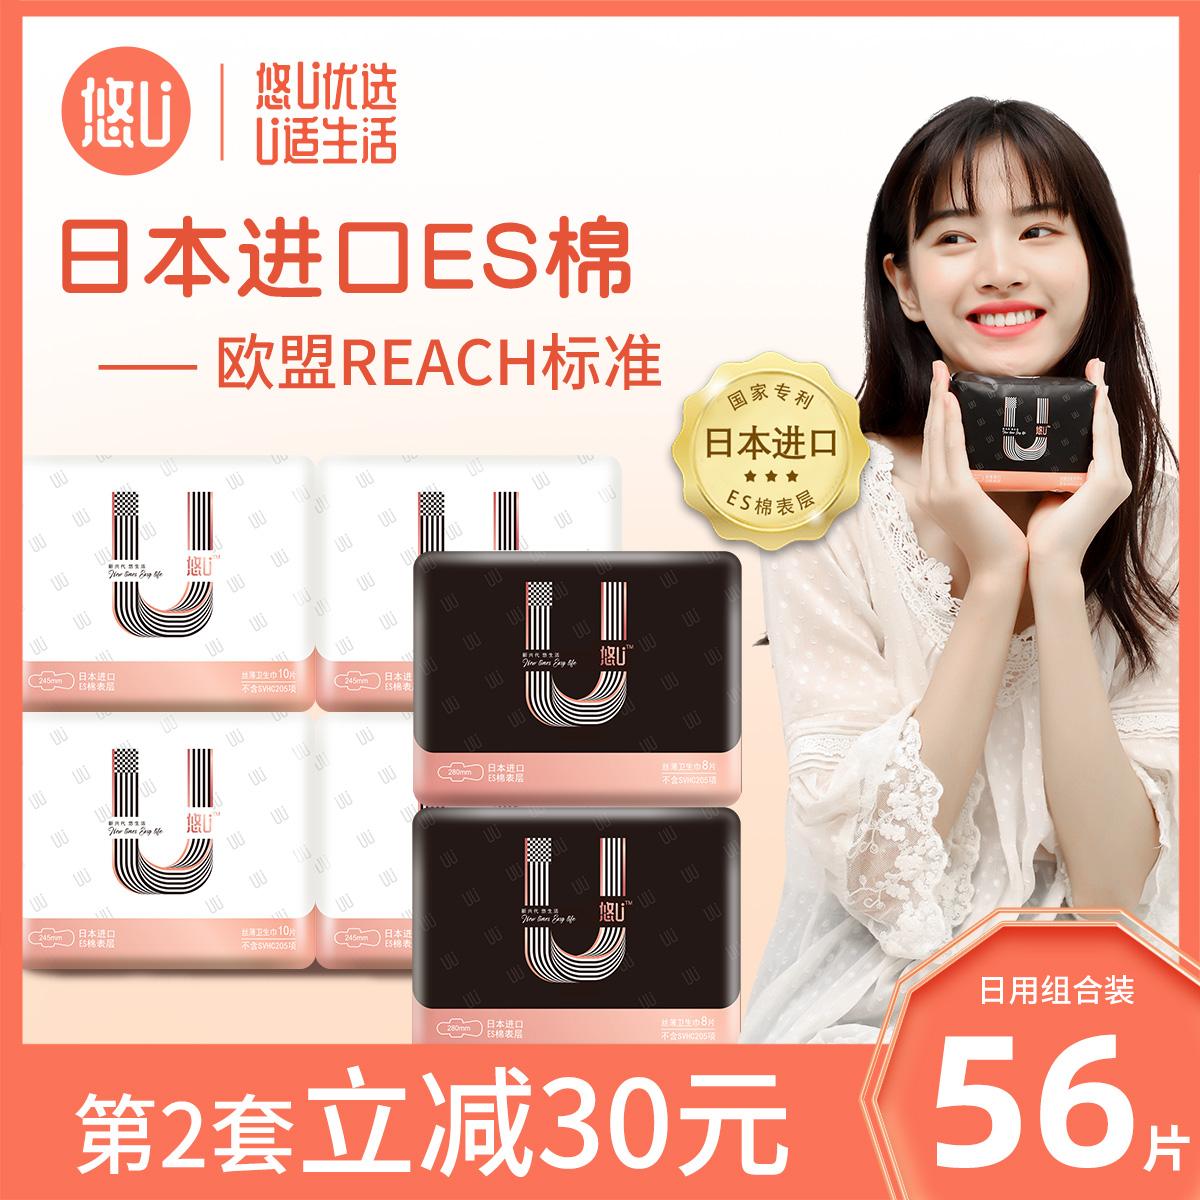 555悠u丝薄少女组合装日本卫生巾评价如何